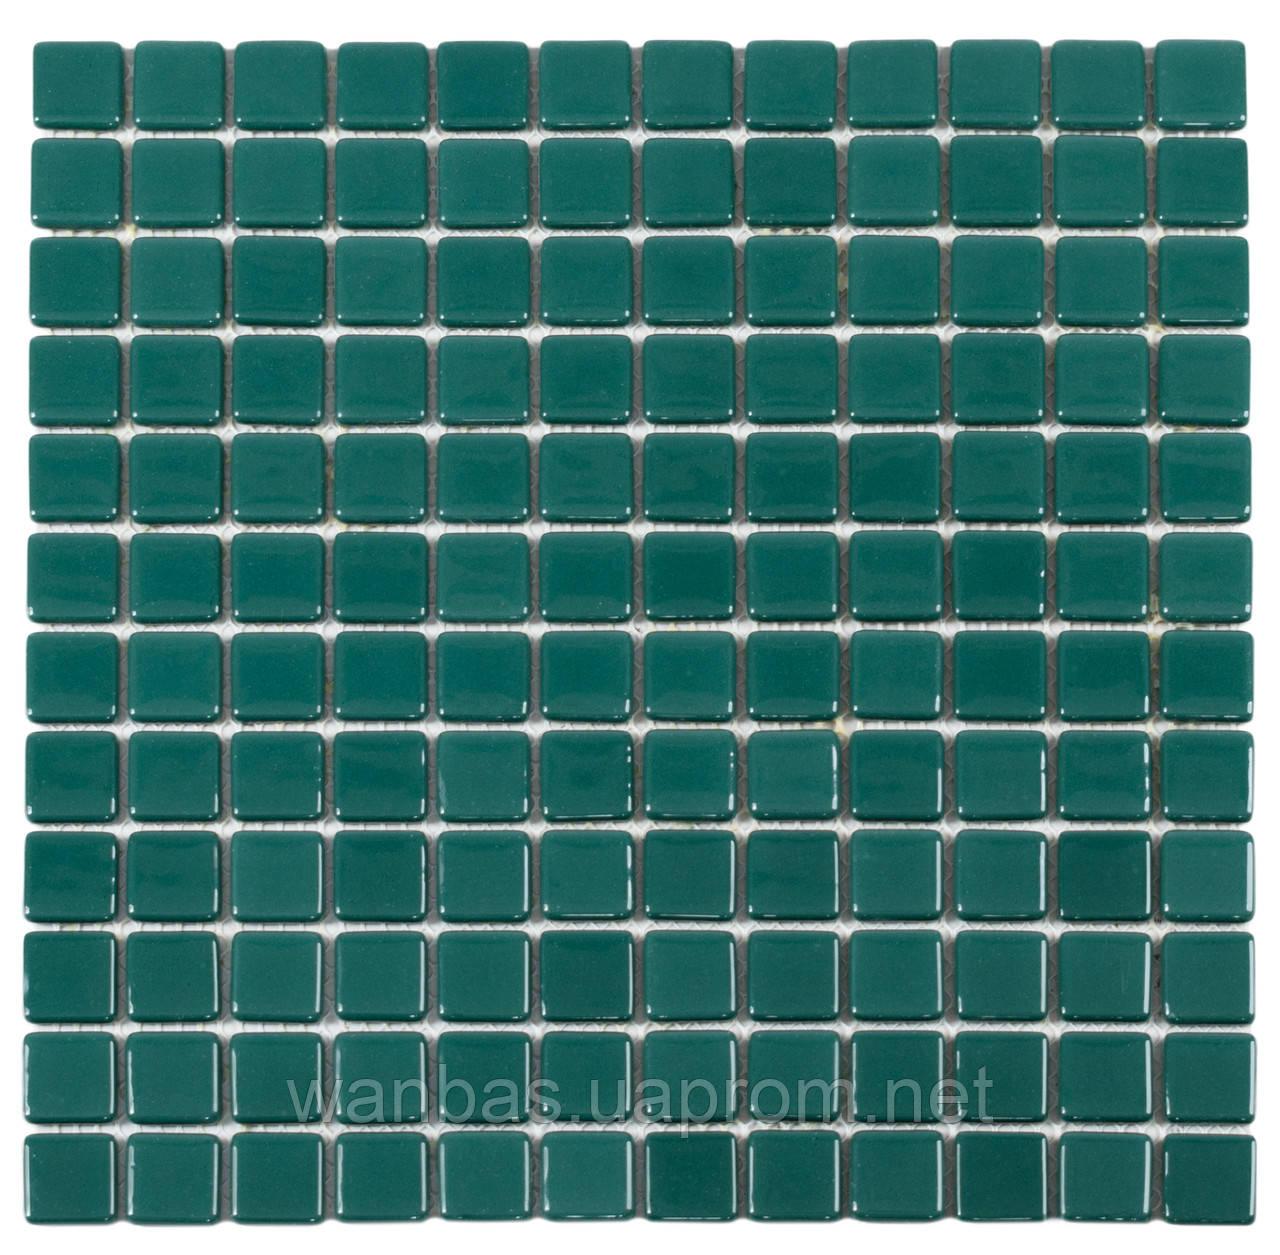 Зеленая стеклянная мозаика с закругленными краями Dark Green MK25112 25х25 мм.